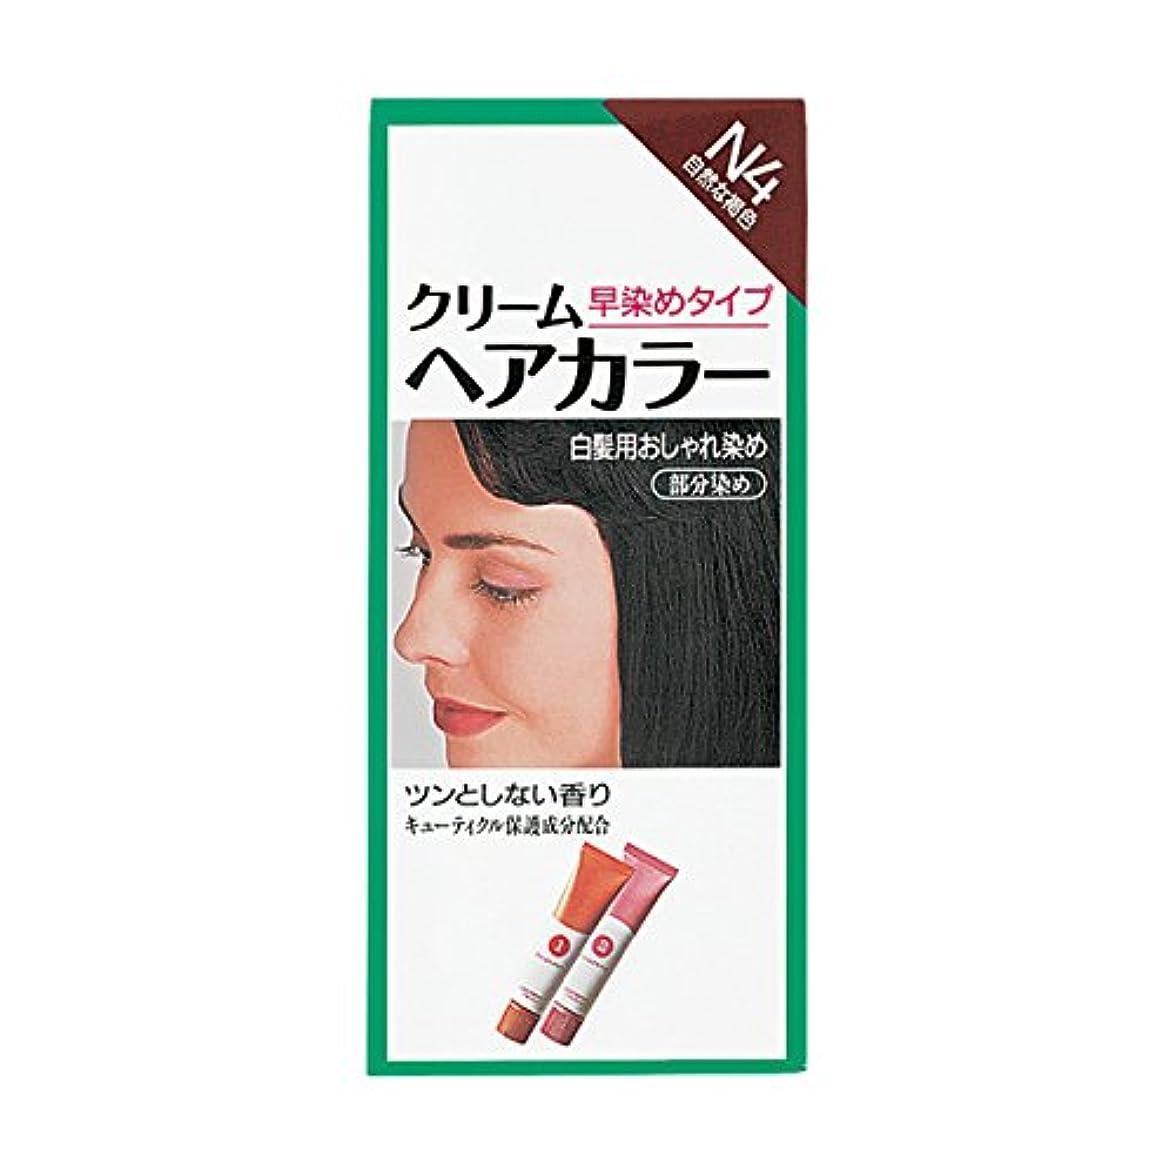 ロッド把握弱まるヘアカラー クリームヘアカラーN N4 【医薬部外品】